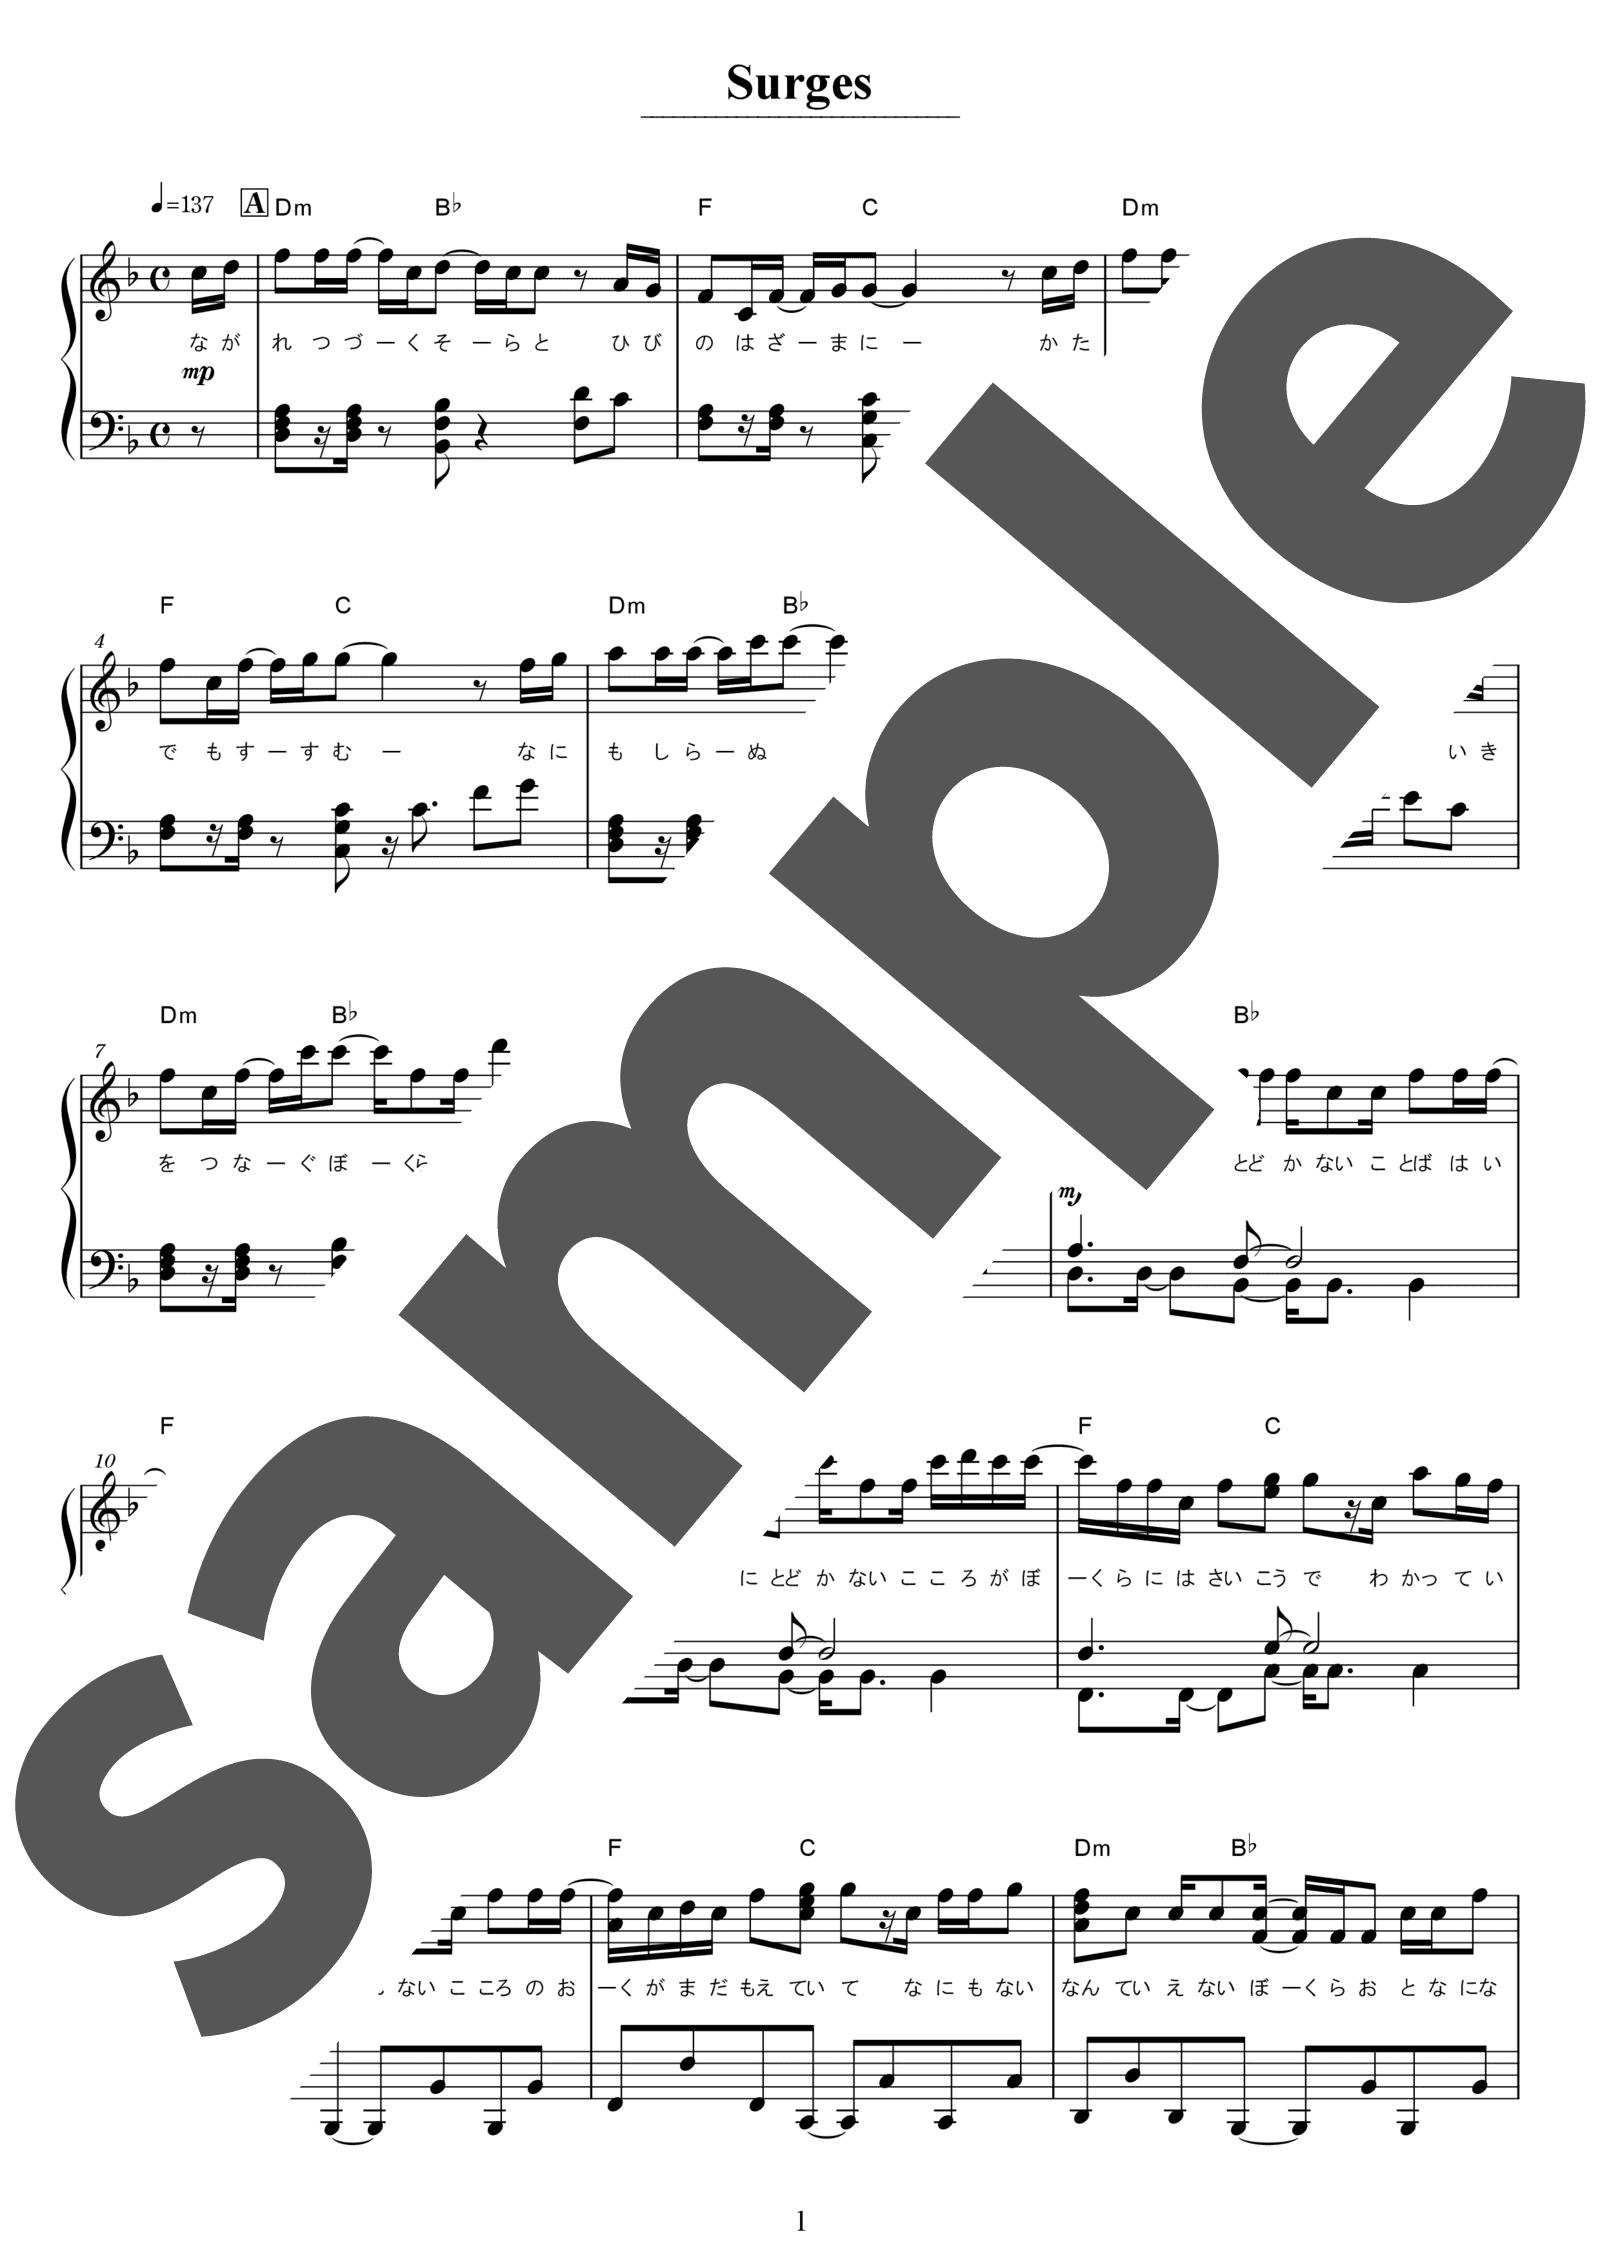 「Surges」のサンプル楽譜